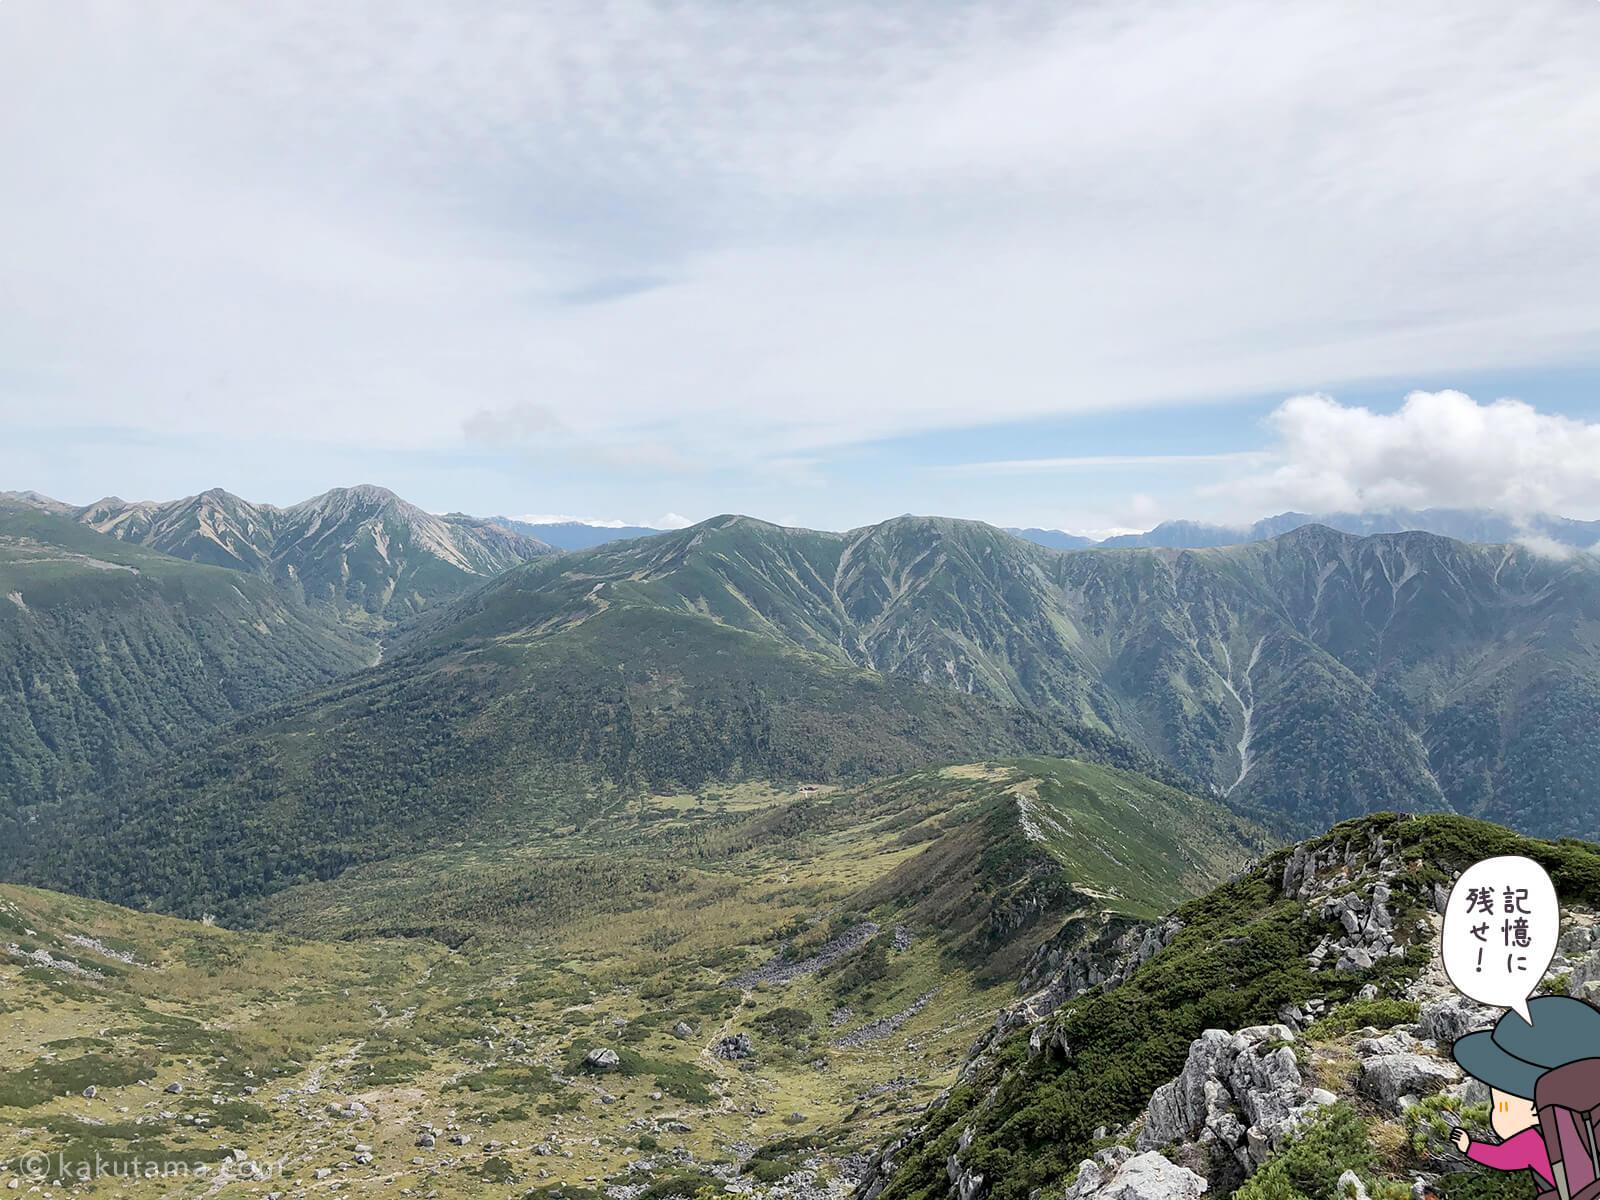 黒部五郎岳山頂から見る北アルプス山々